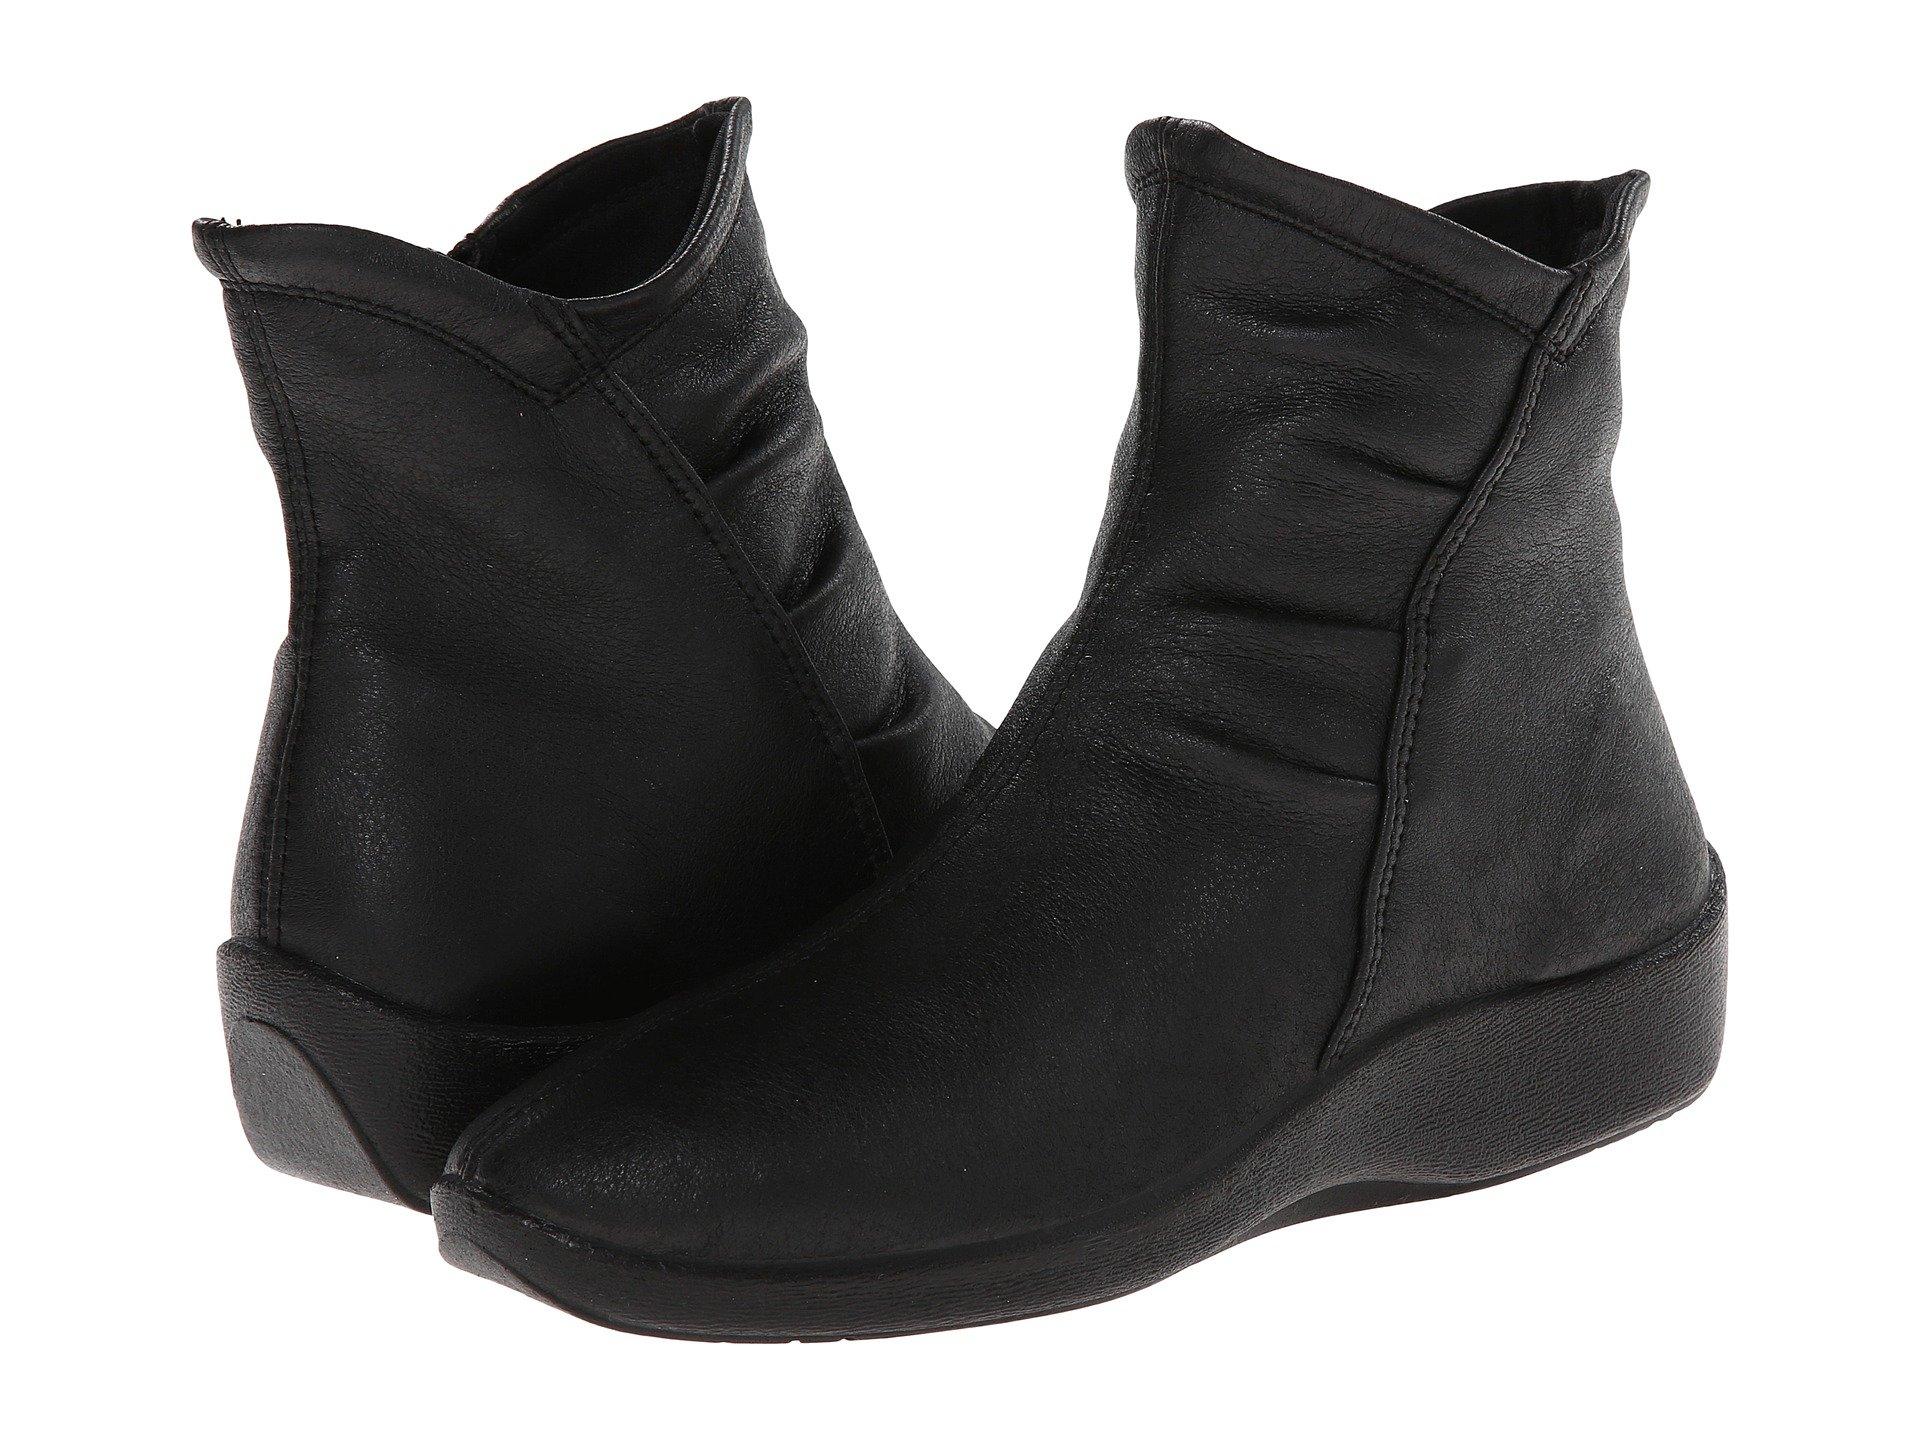 b7a6452dea4 Women s Vegan Boots + FREE SHIPPING